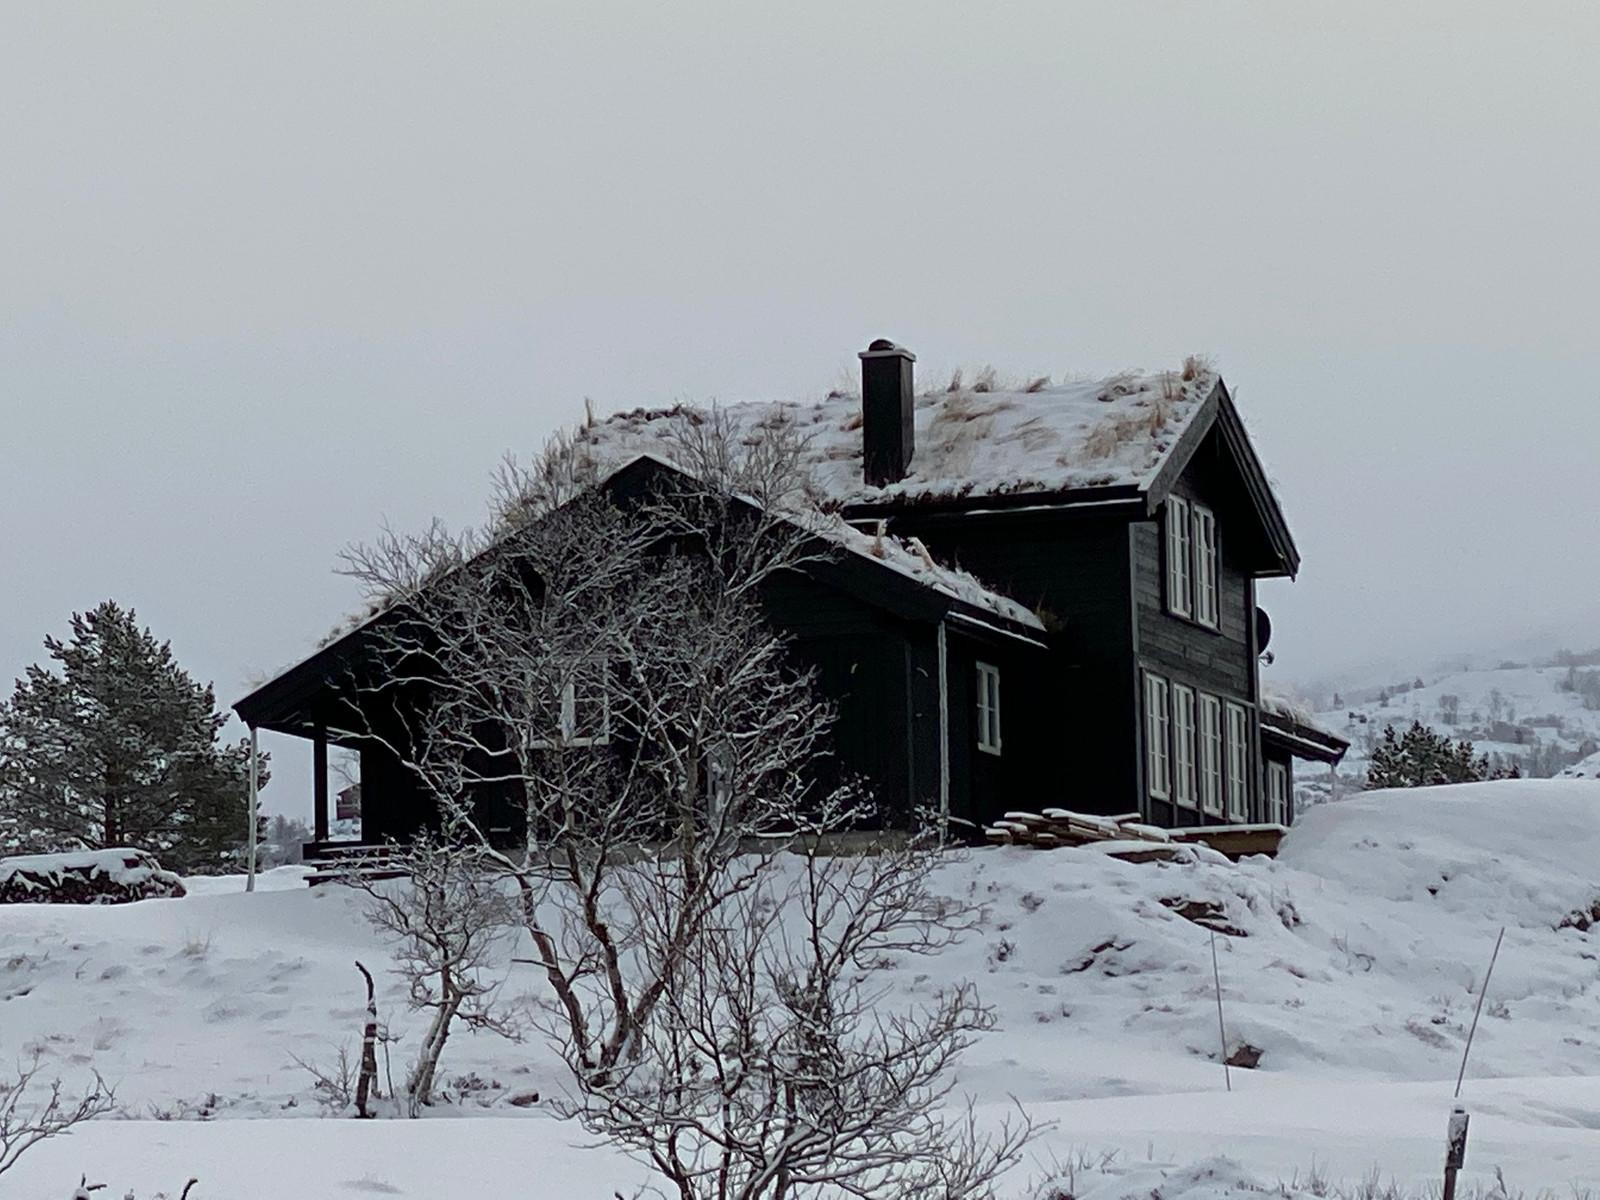 En kundetilpasset Storodde hytte som er oppført på Hattevarden